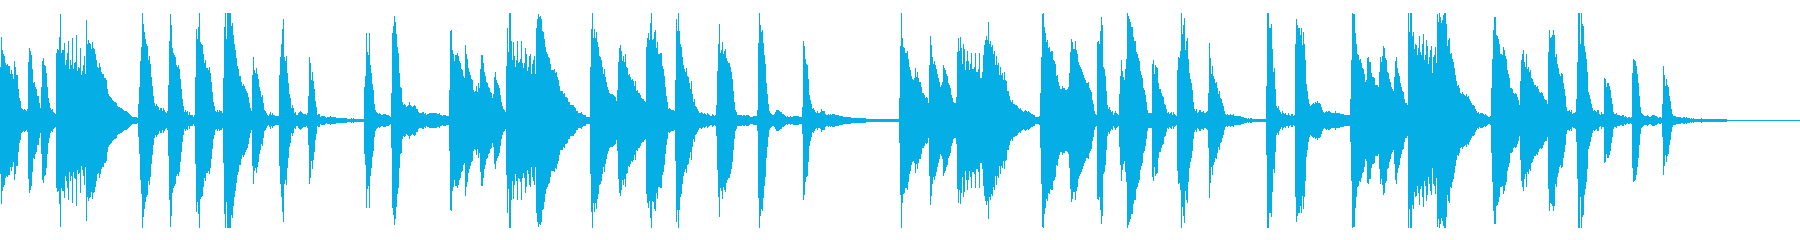 妖精・不思議イメージのかわいいピアノ曲の再生済みの波形